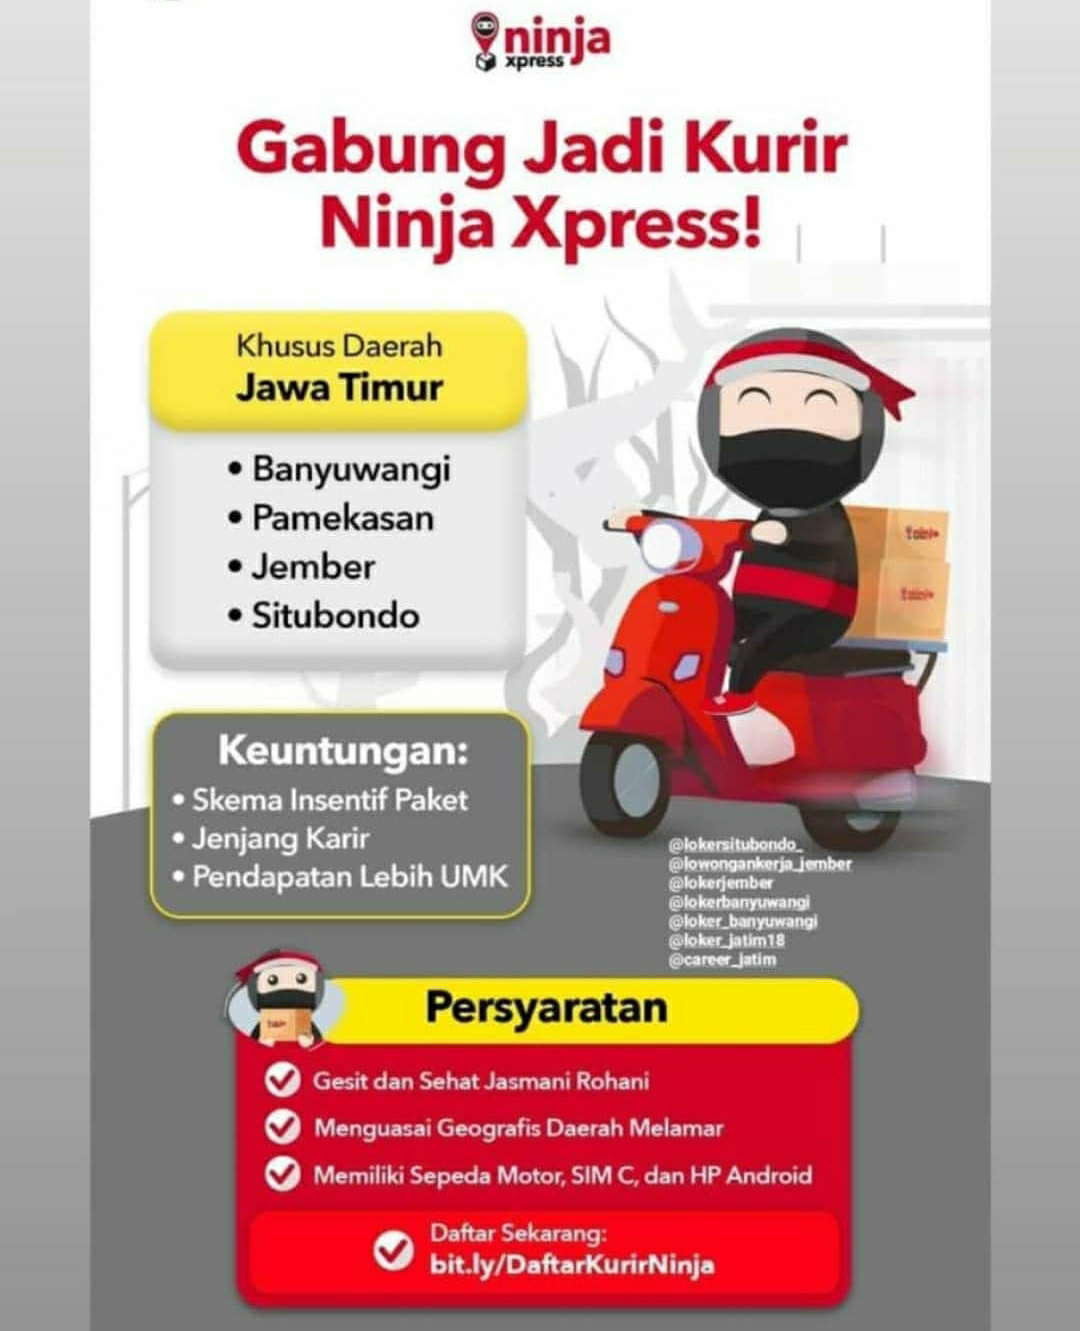 Lowongan Kerja Kurir Ninja Express Loker Sekitarku